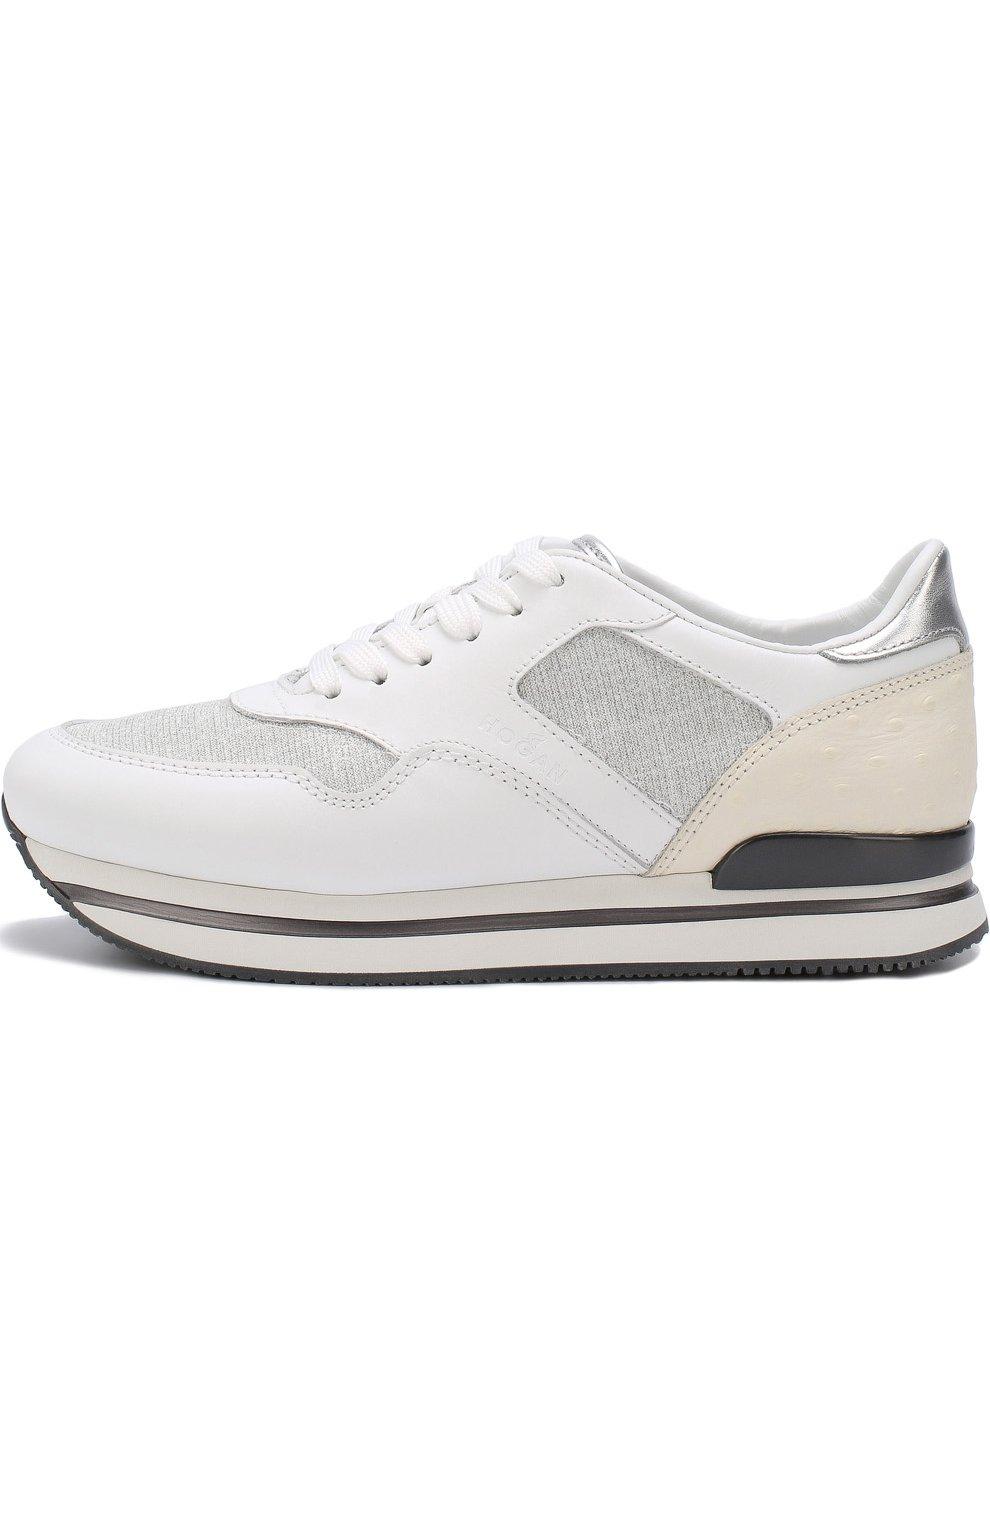 Комбинированные кроссовки на шнуровке Hogan белые | Фото №3